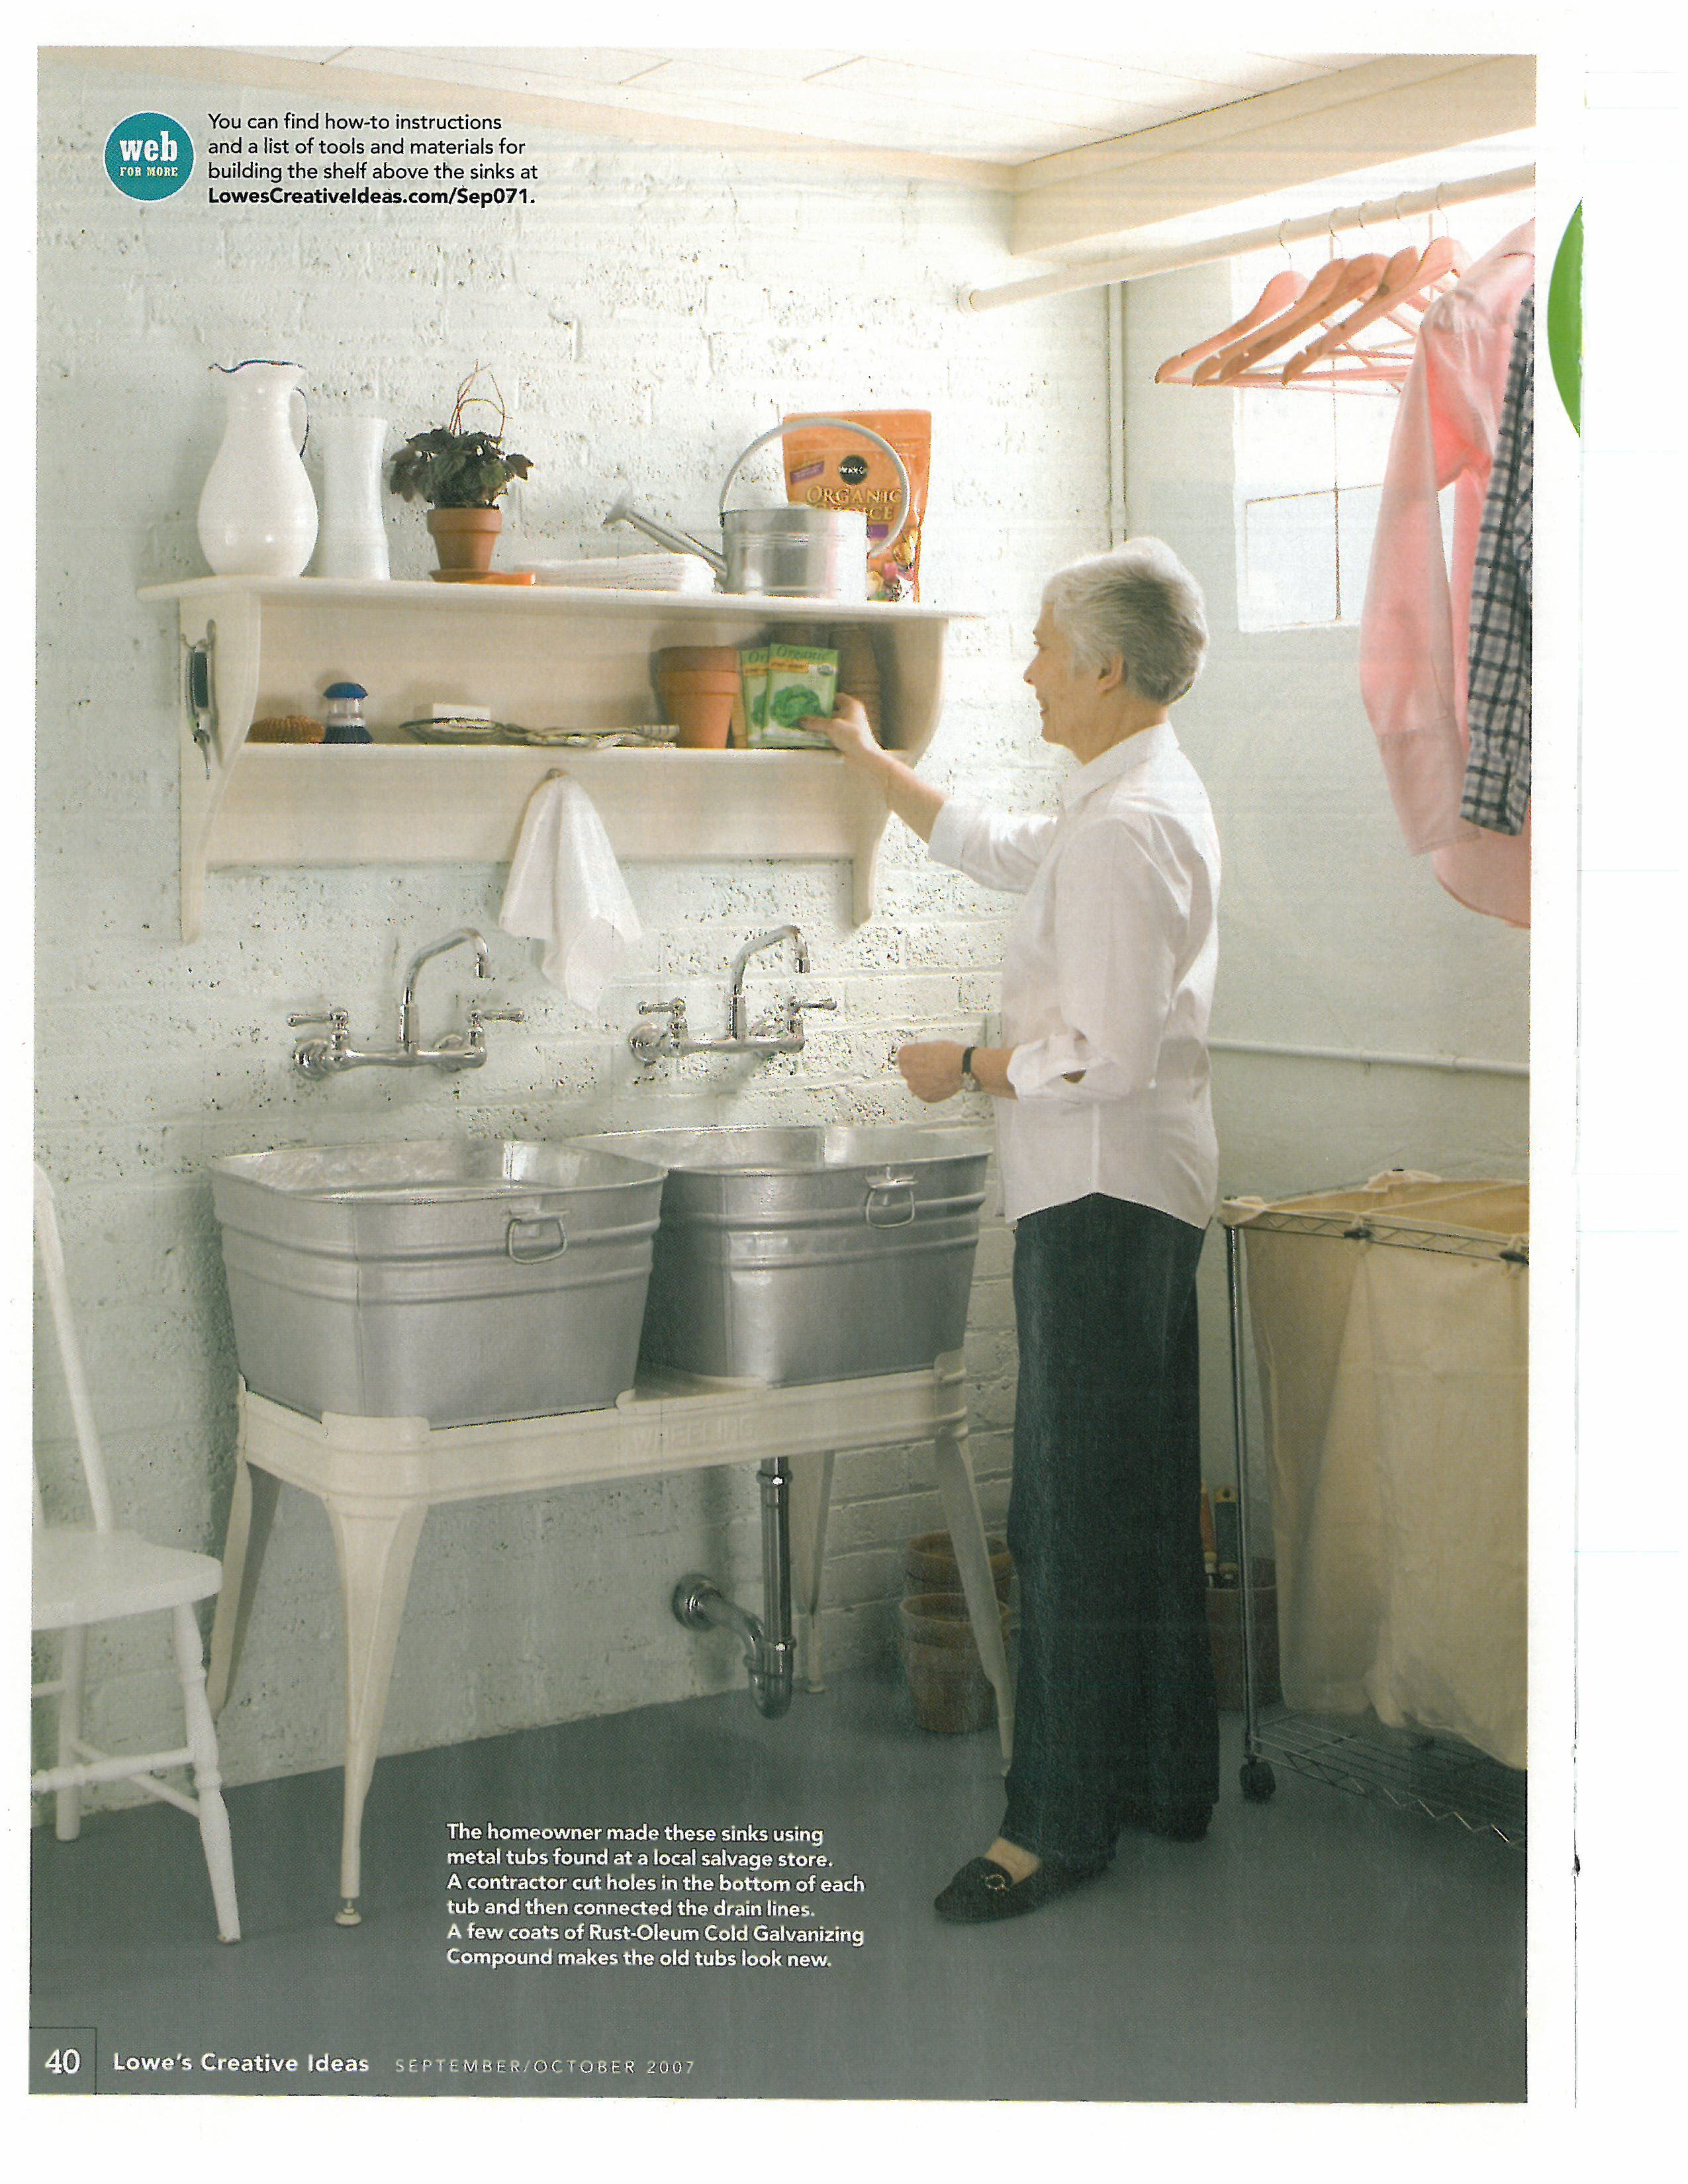 laundry room sink wash tub sink